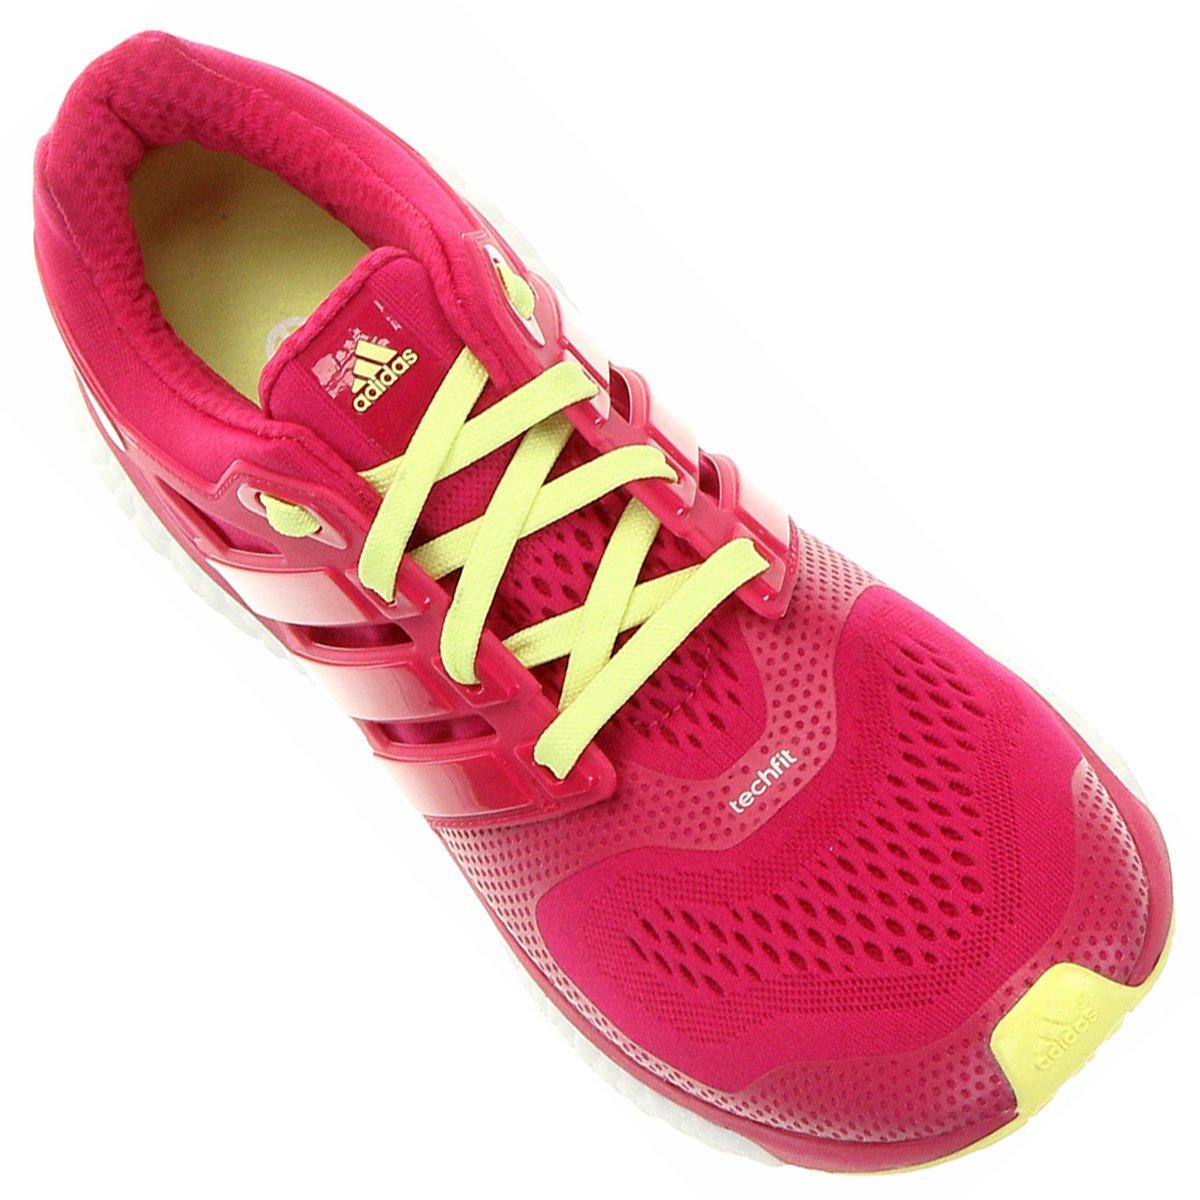 Tênis Adidas Energy Boost ESM Feminino - Compre Agora  52baf04e36e11